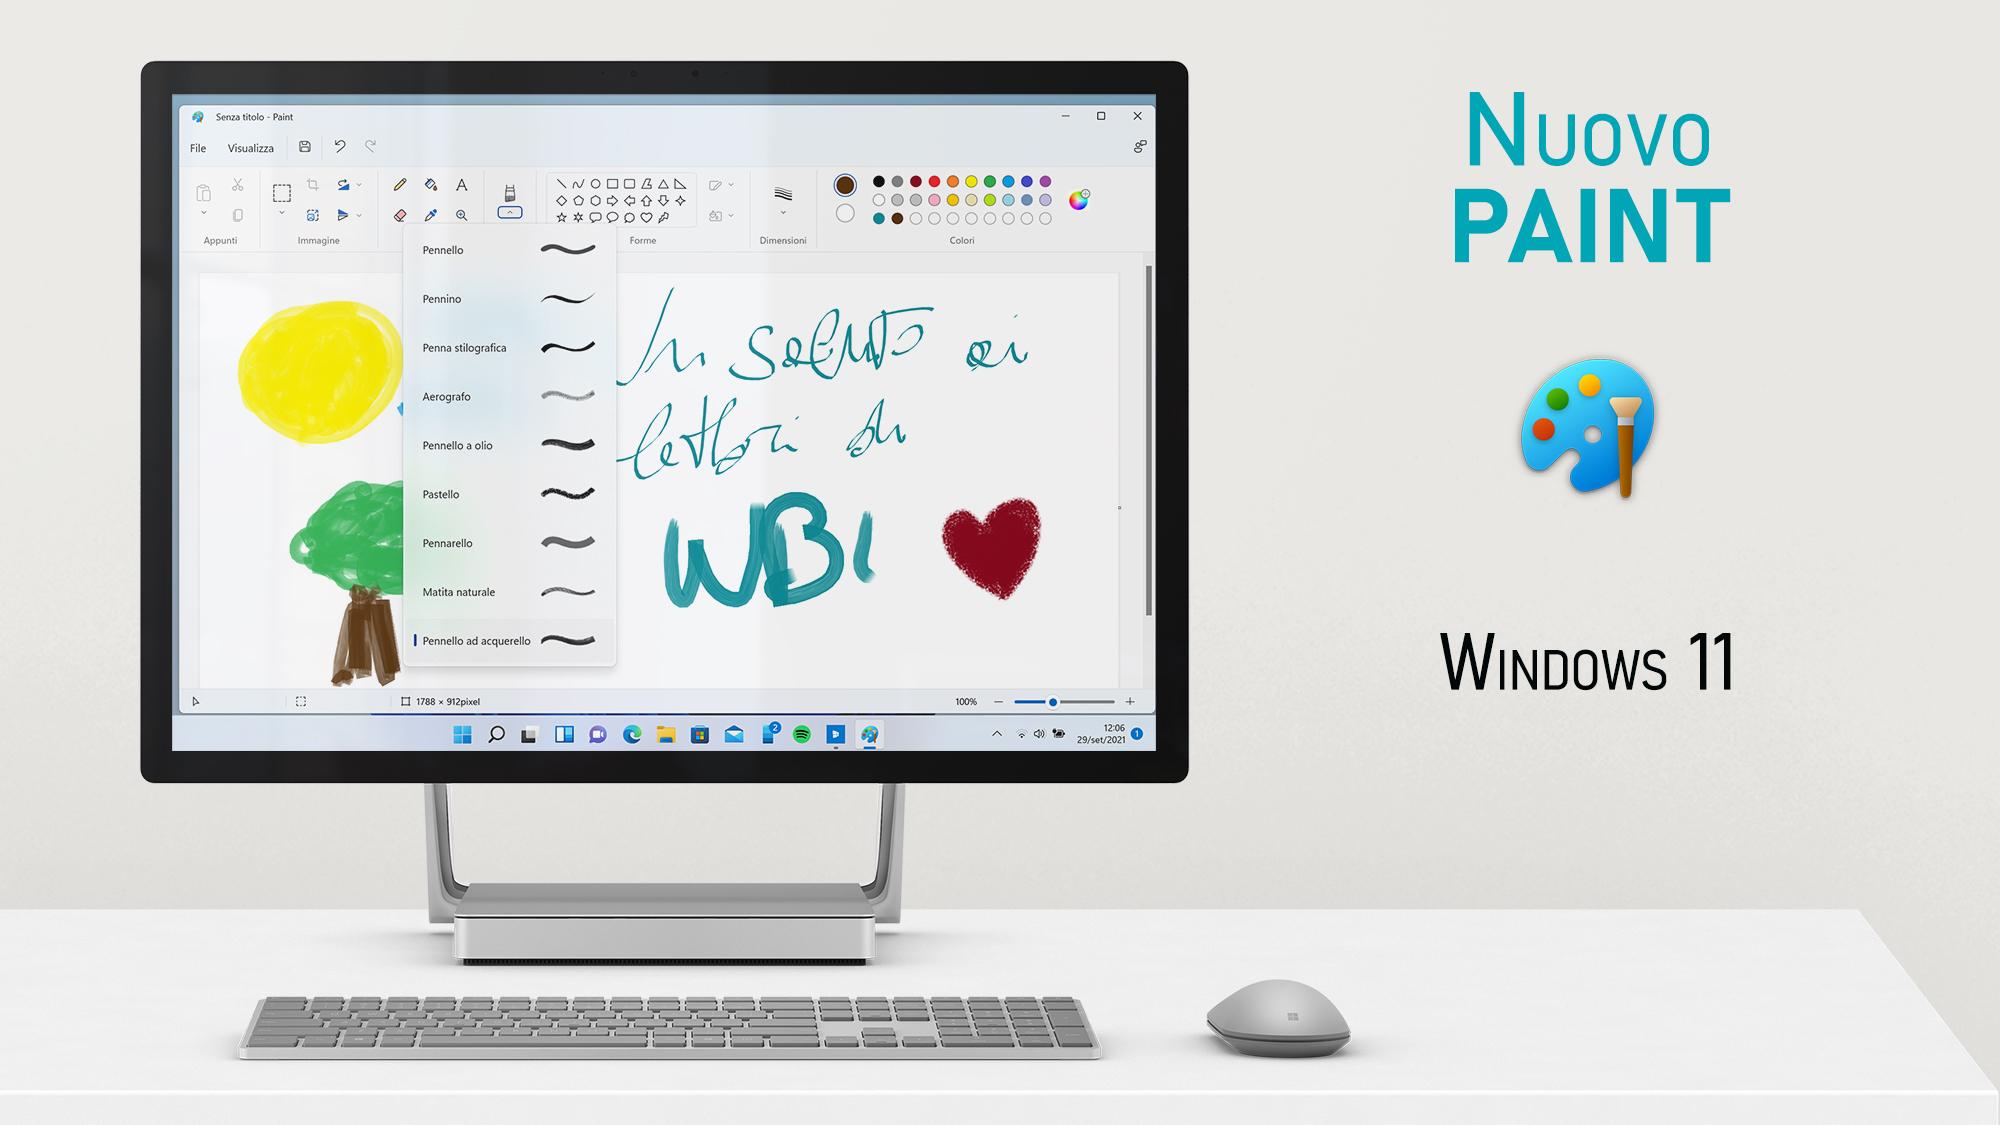 Windows 11 - Nuovo Paint